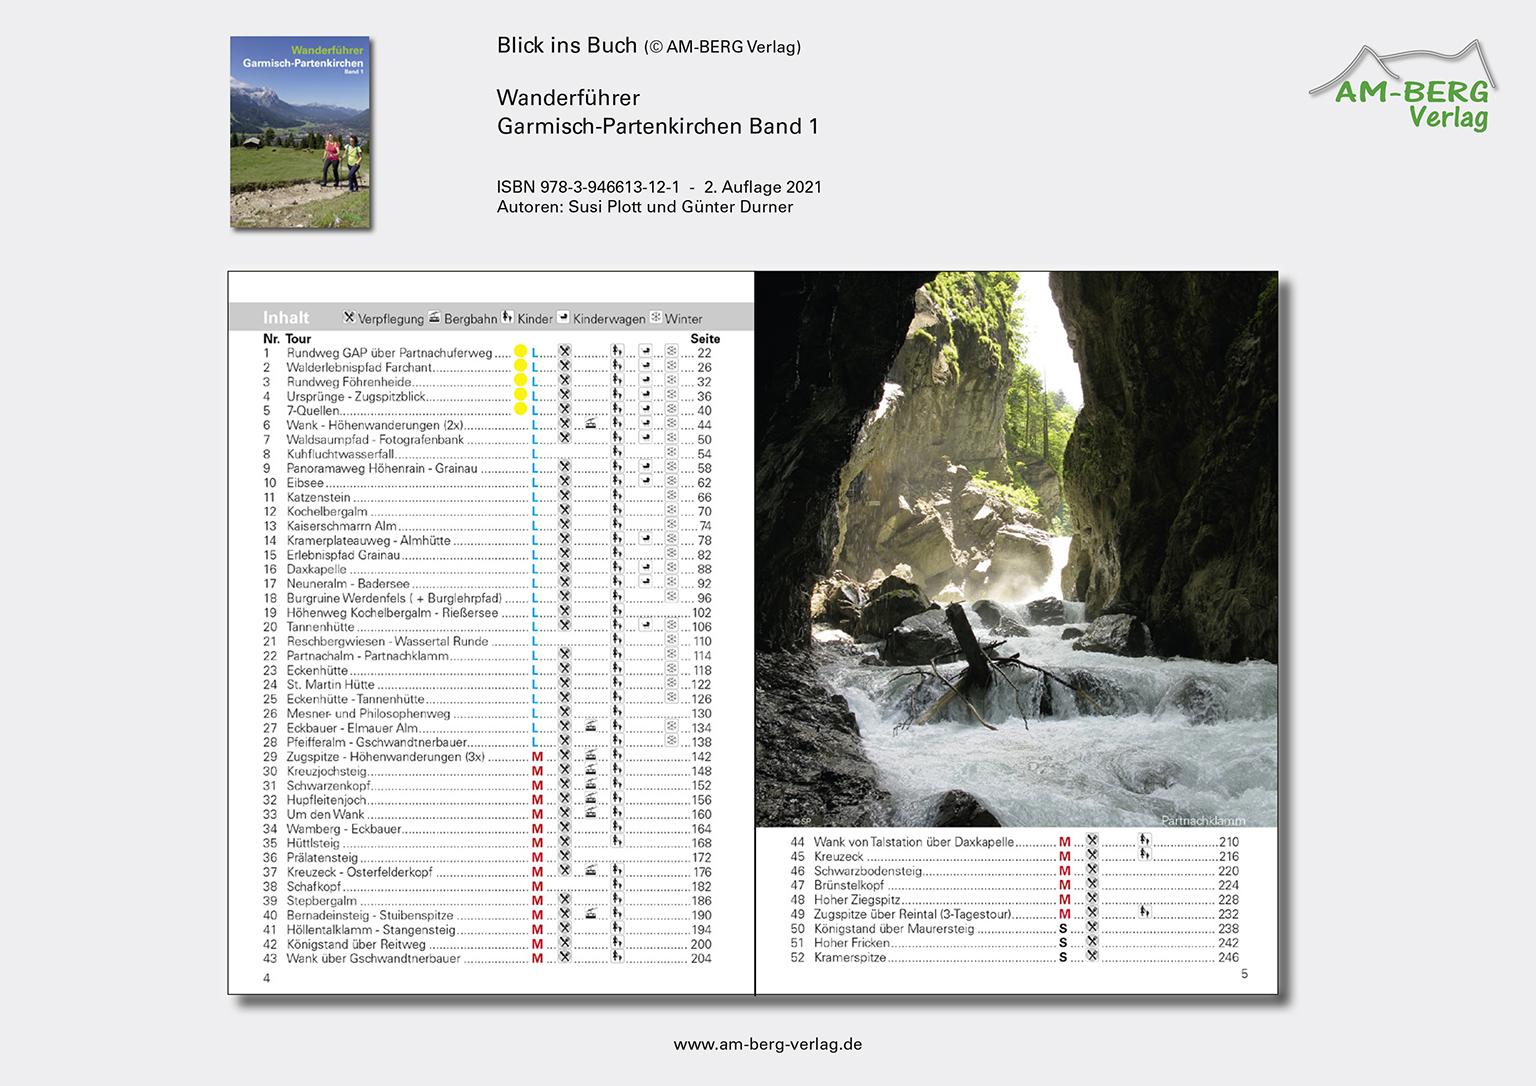 Wanderführer Garmisch-Partenkirchen Band 1_Blick ins Buch03